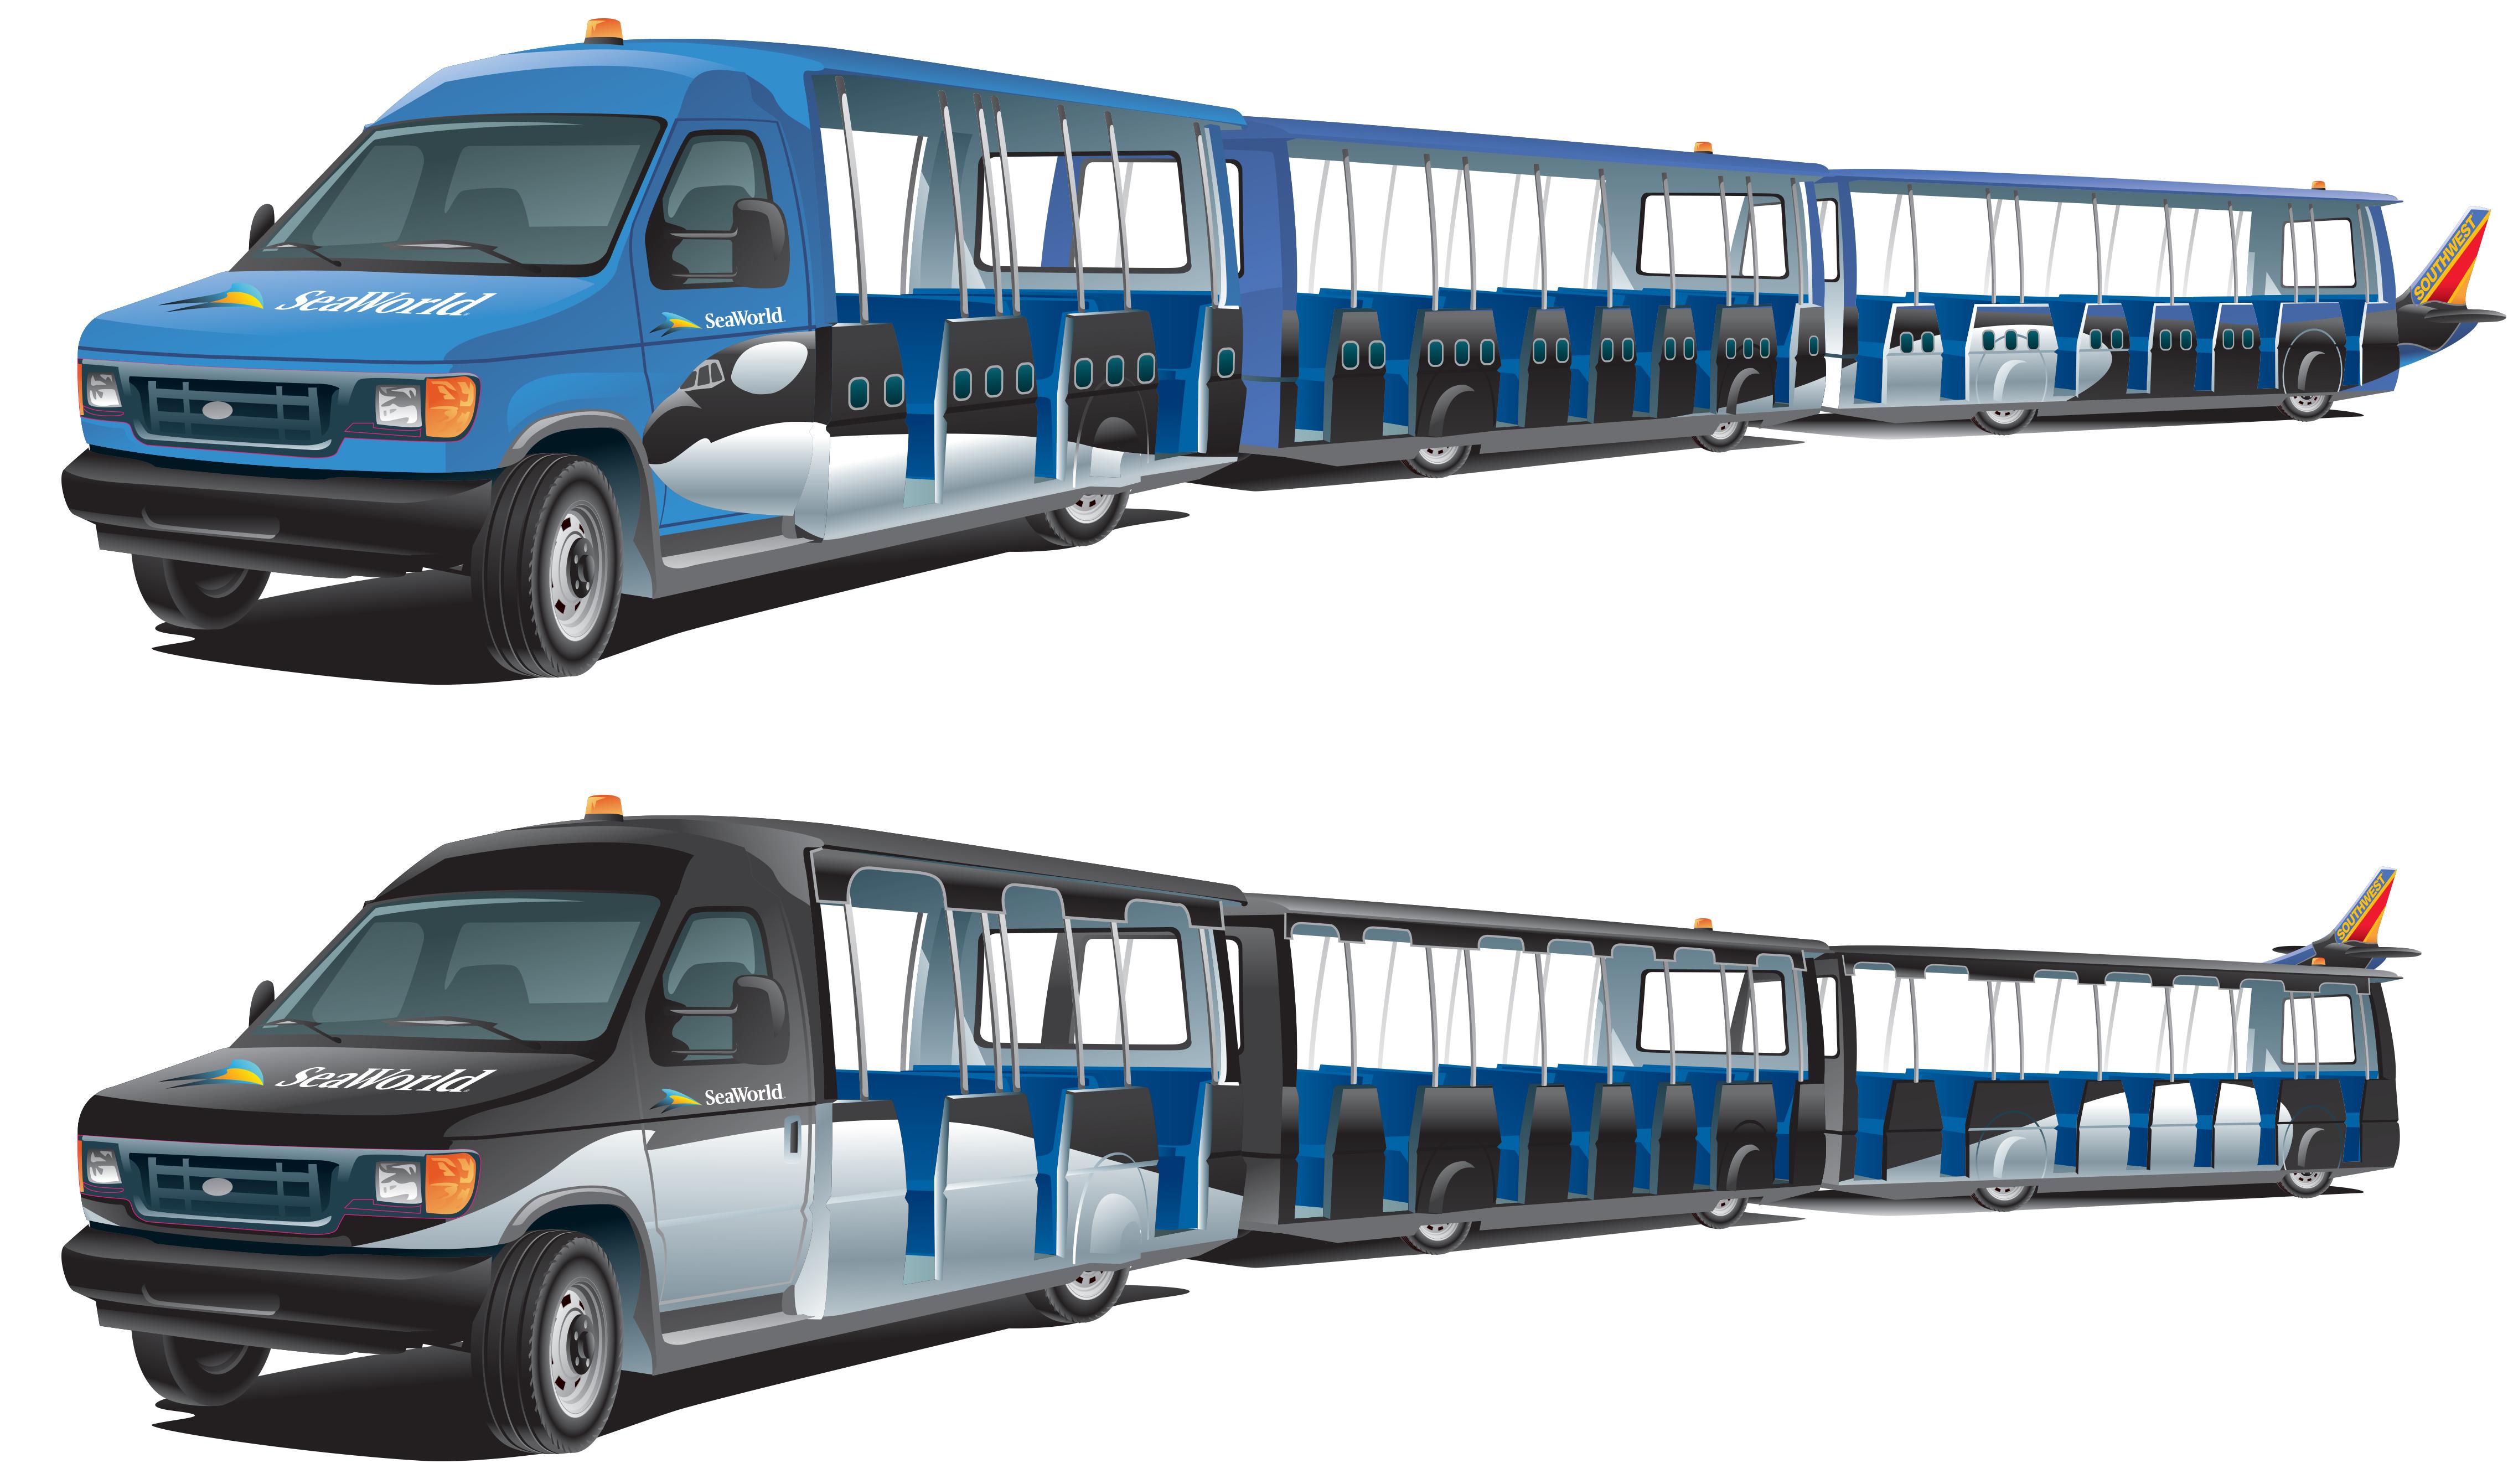 Seaworld Tram Concept Art